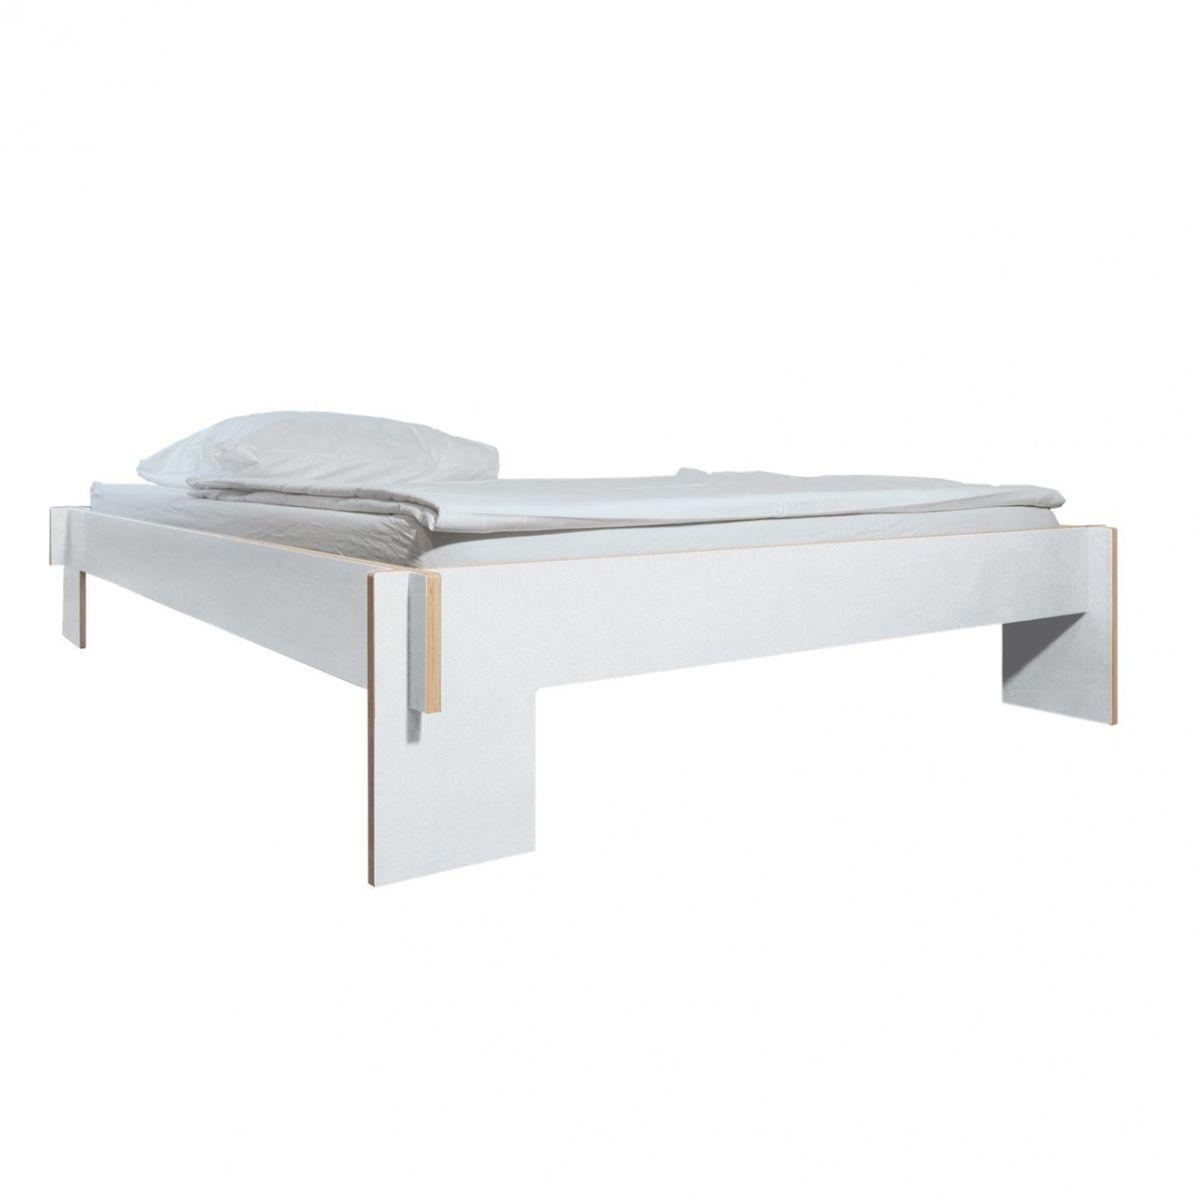 Bett Ohne Lattenrost Rucken : ... Siebenschläfer Bett - weiß/160x200cm/ohne Lattenrost und Matratze